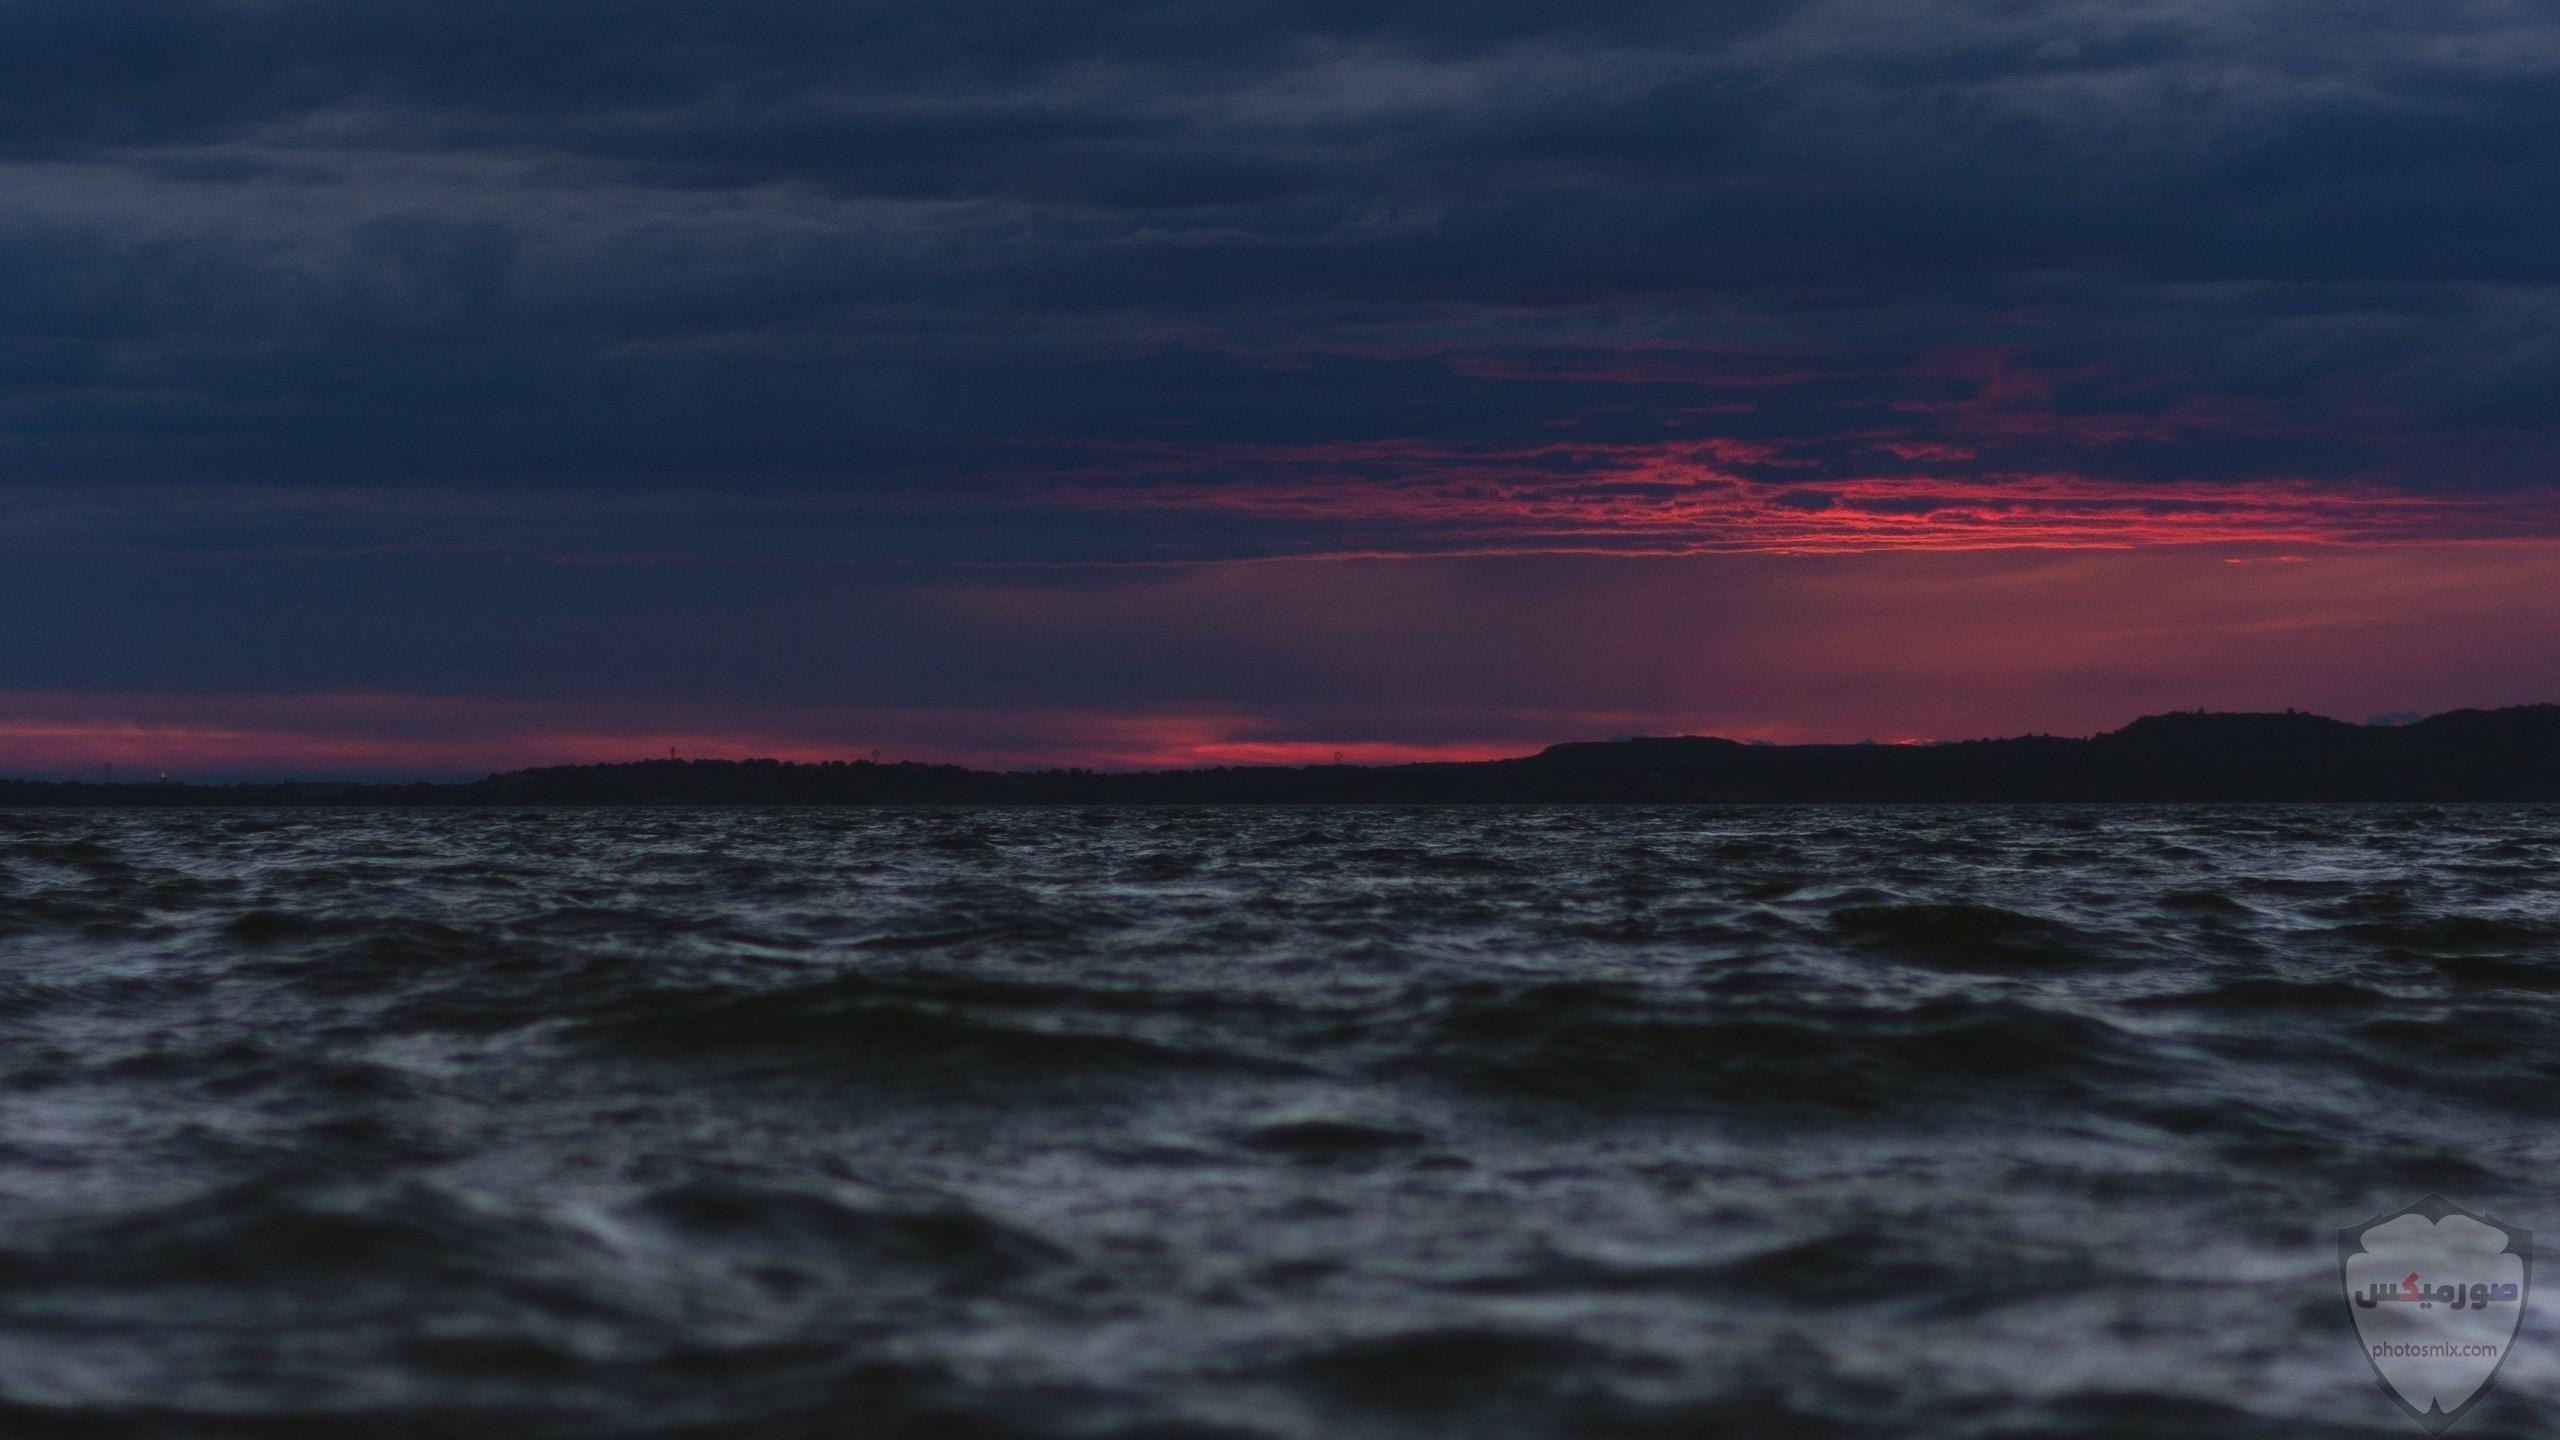 صور بحر وشاطئ صور وخلفيات بحور وشواطئ جميلة اجمل خلفيات بحار جودة عالية 6